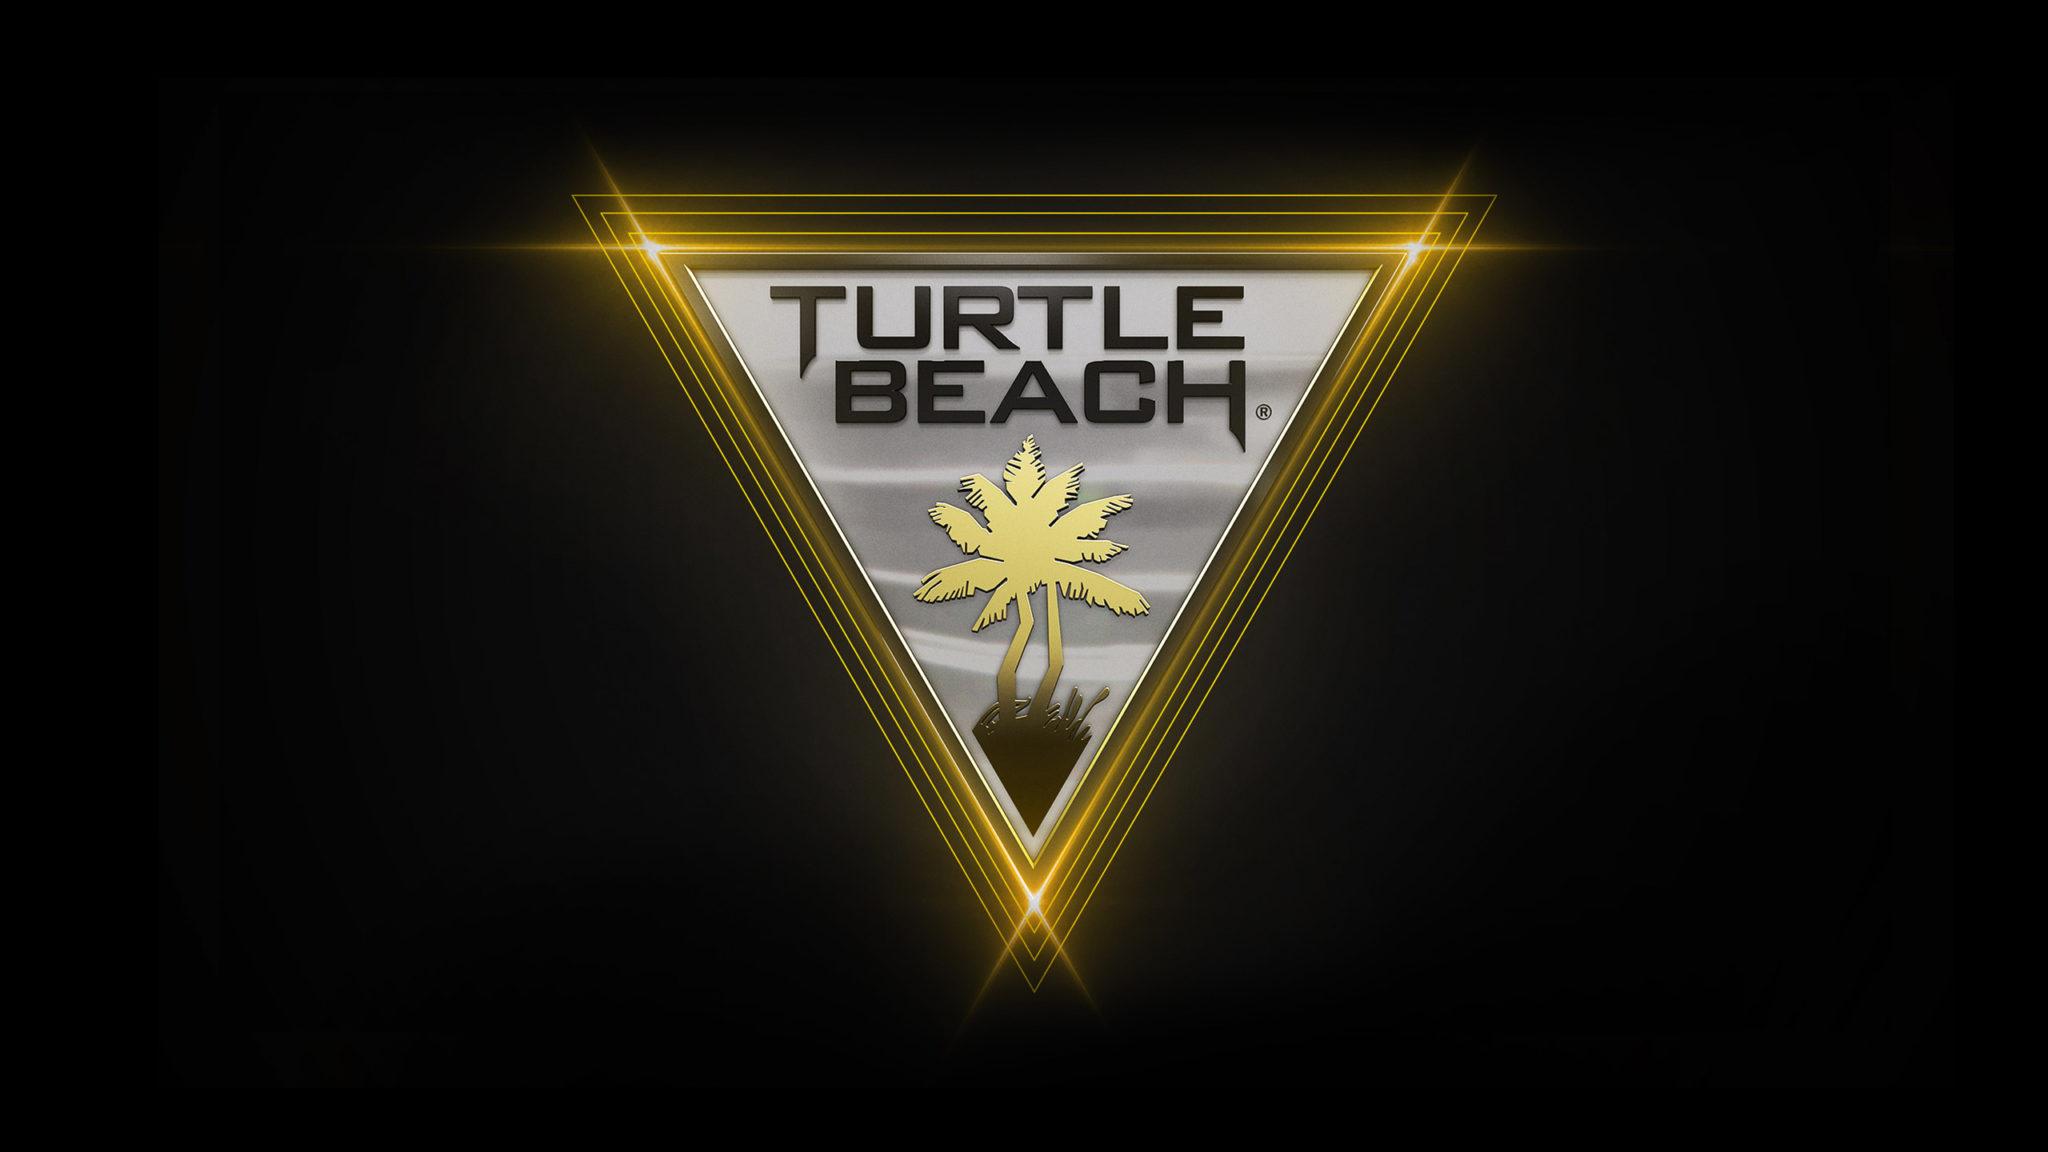 Turtle Beach HyperSound